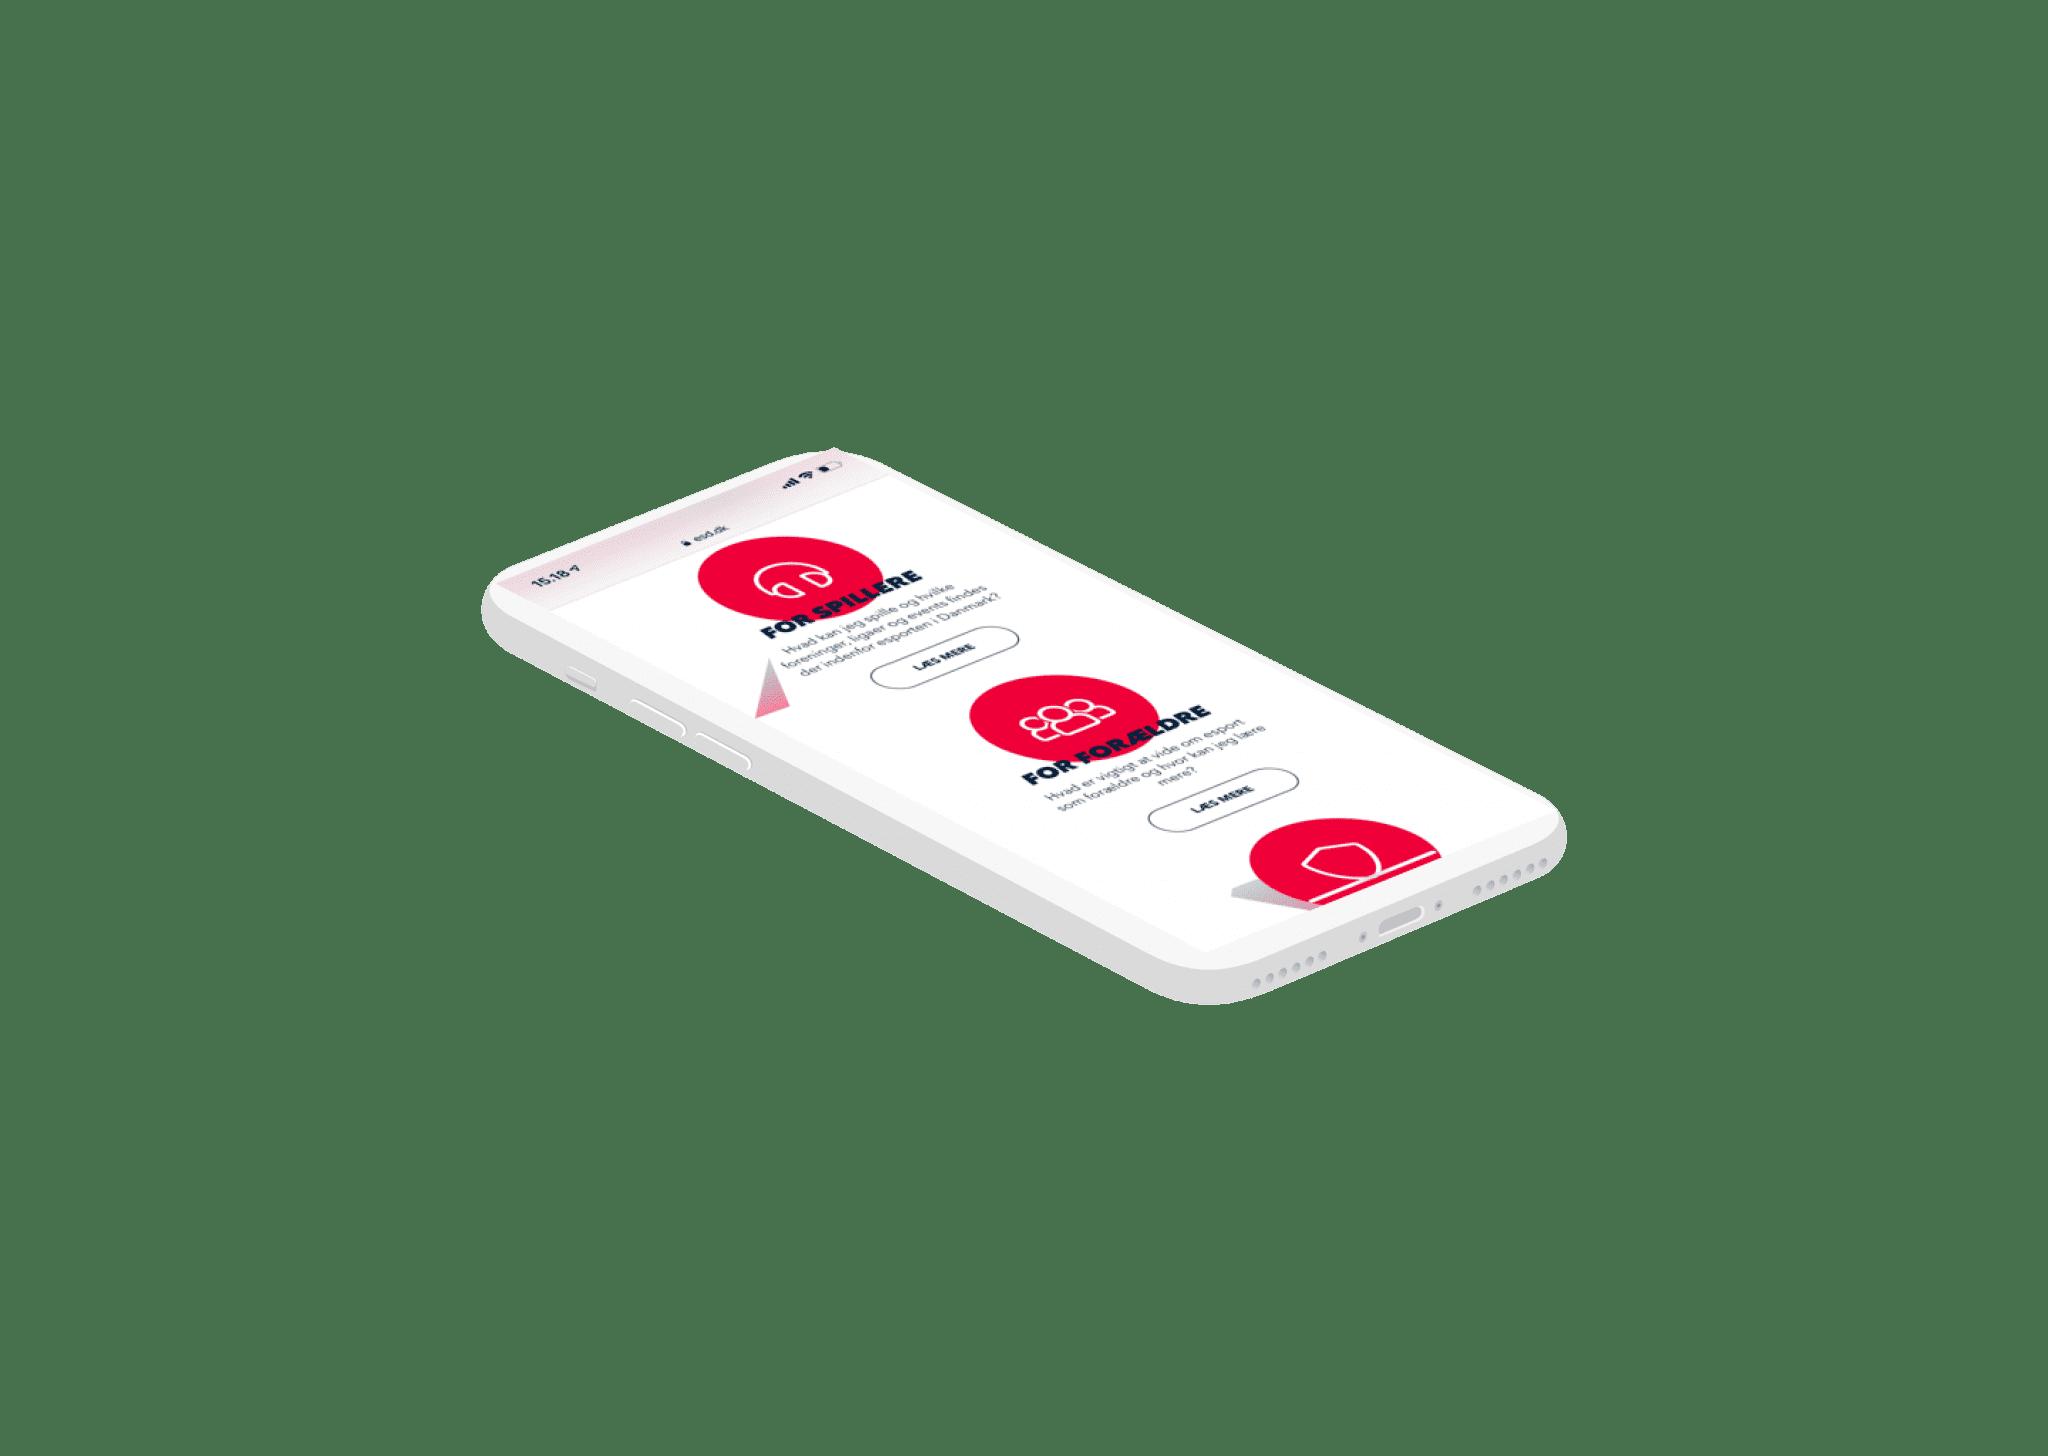 E_sport_2- Iphone X@2x